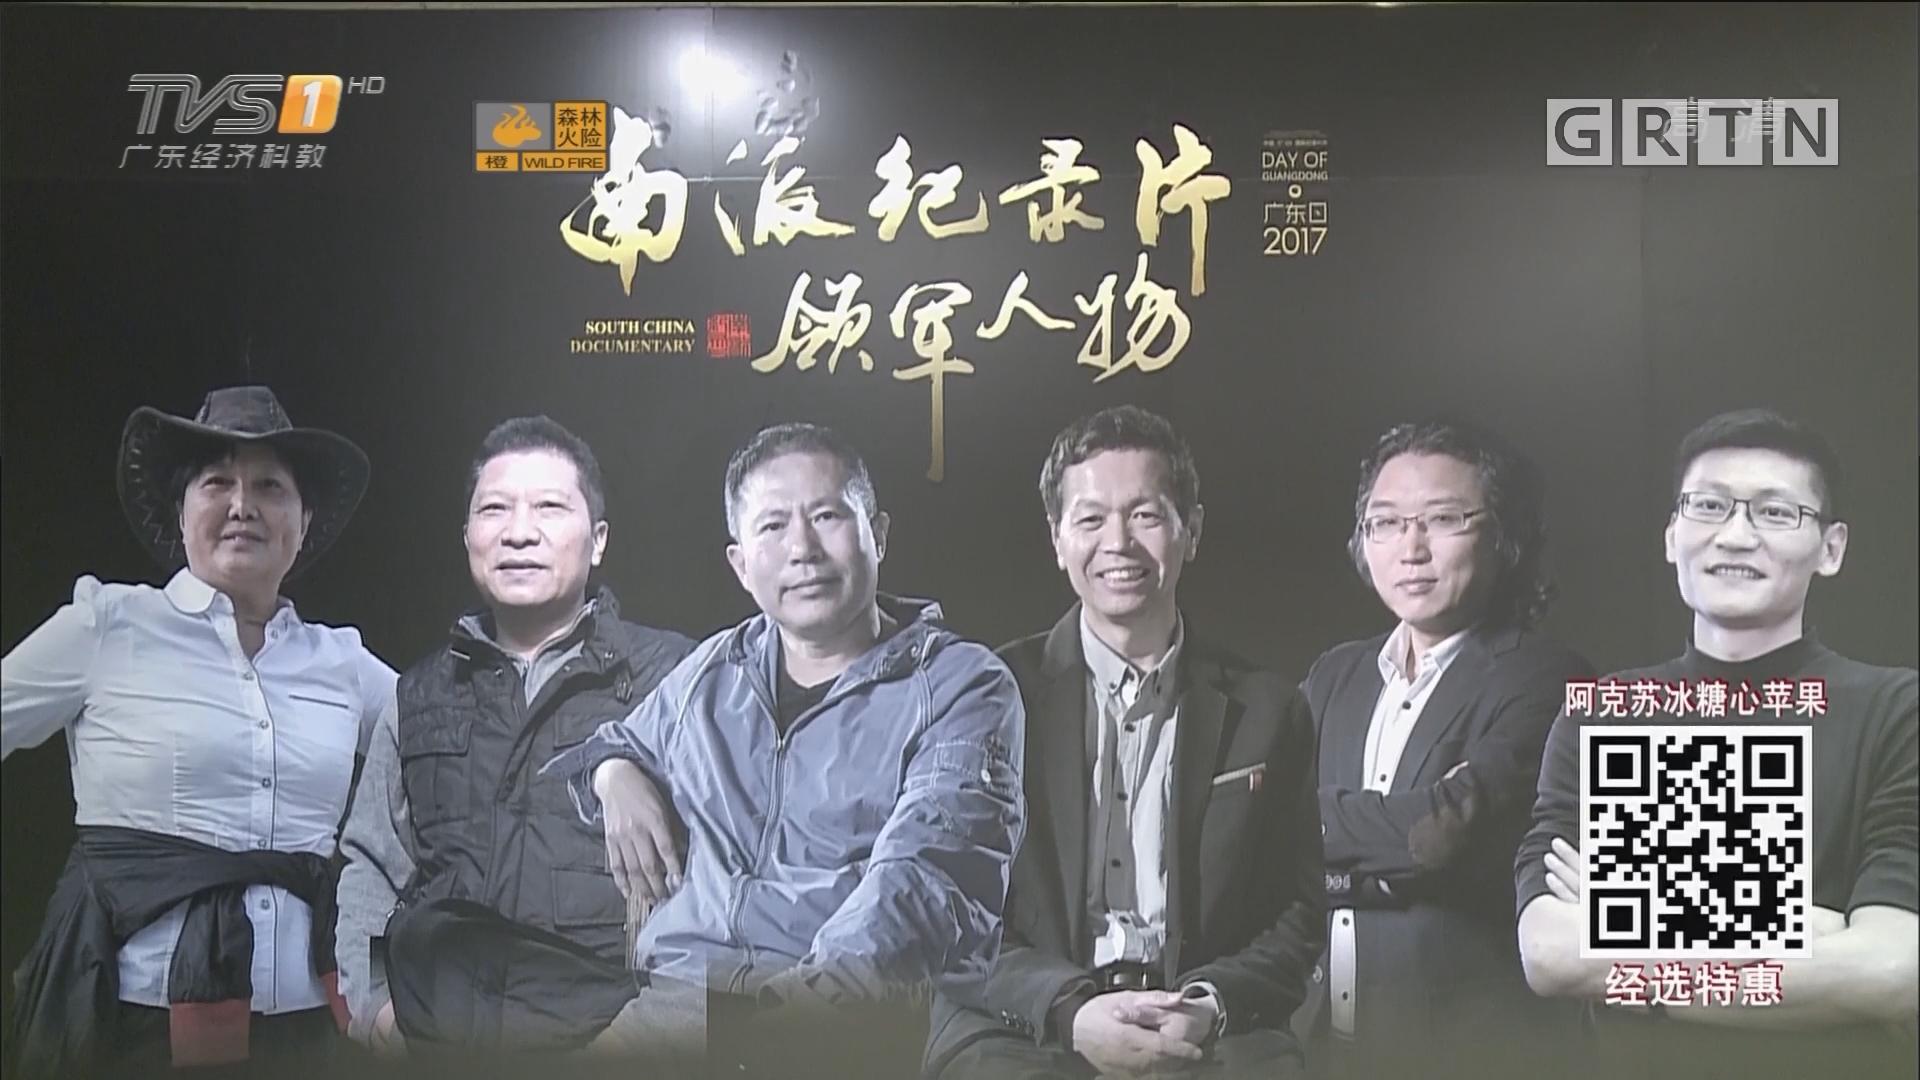 """十年磨一剑 纪录片""""广东日"""" 南派纪录片大检阅"""